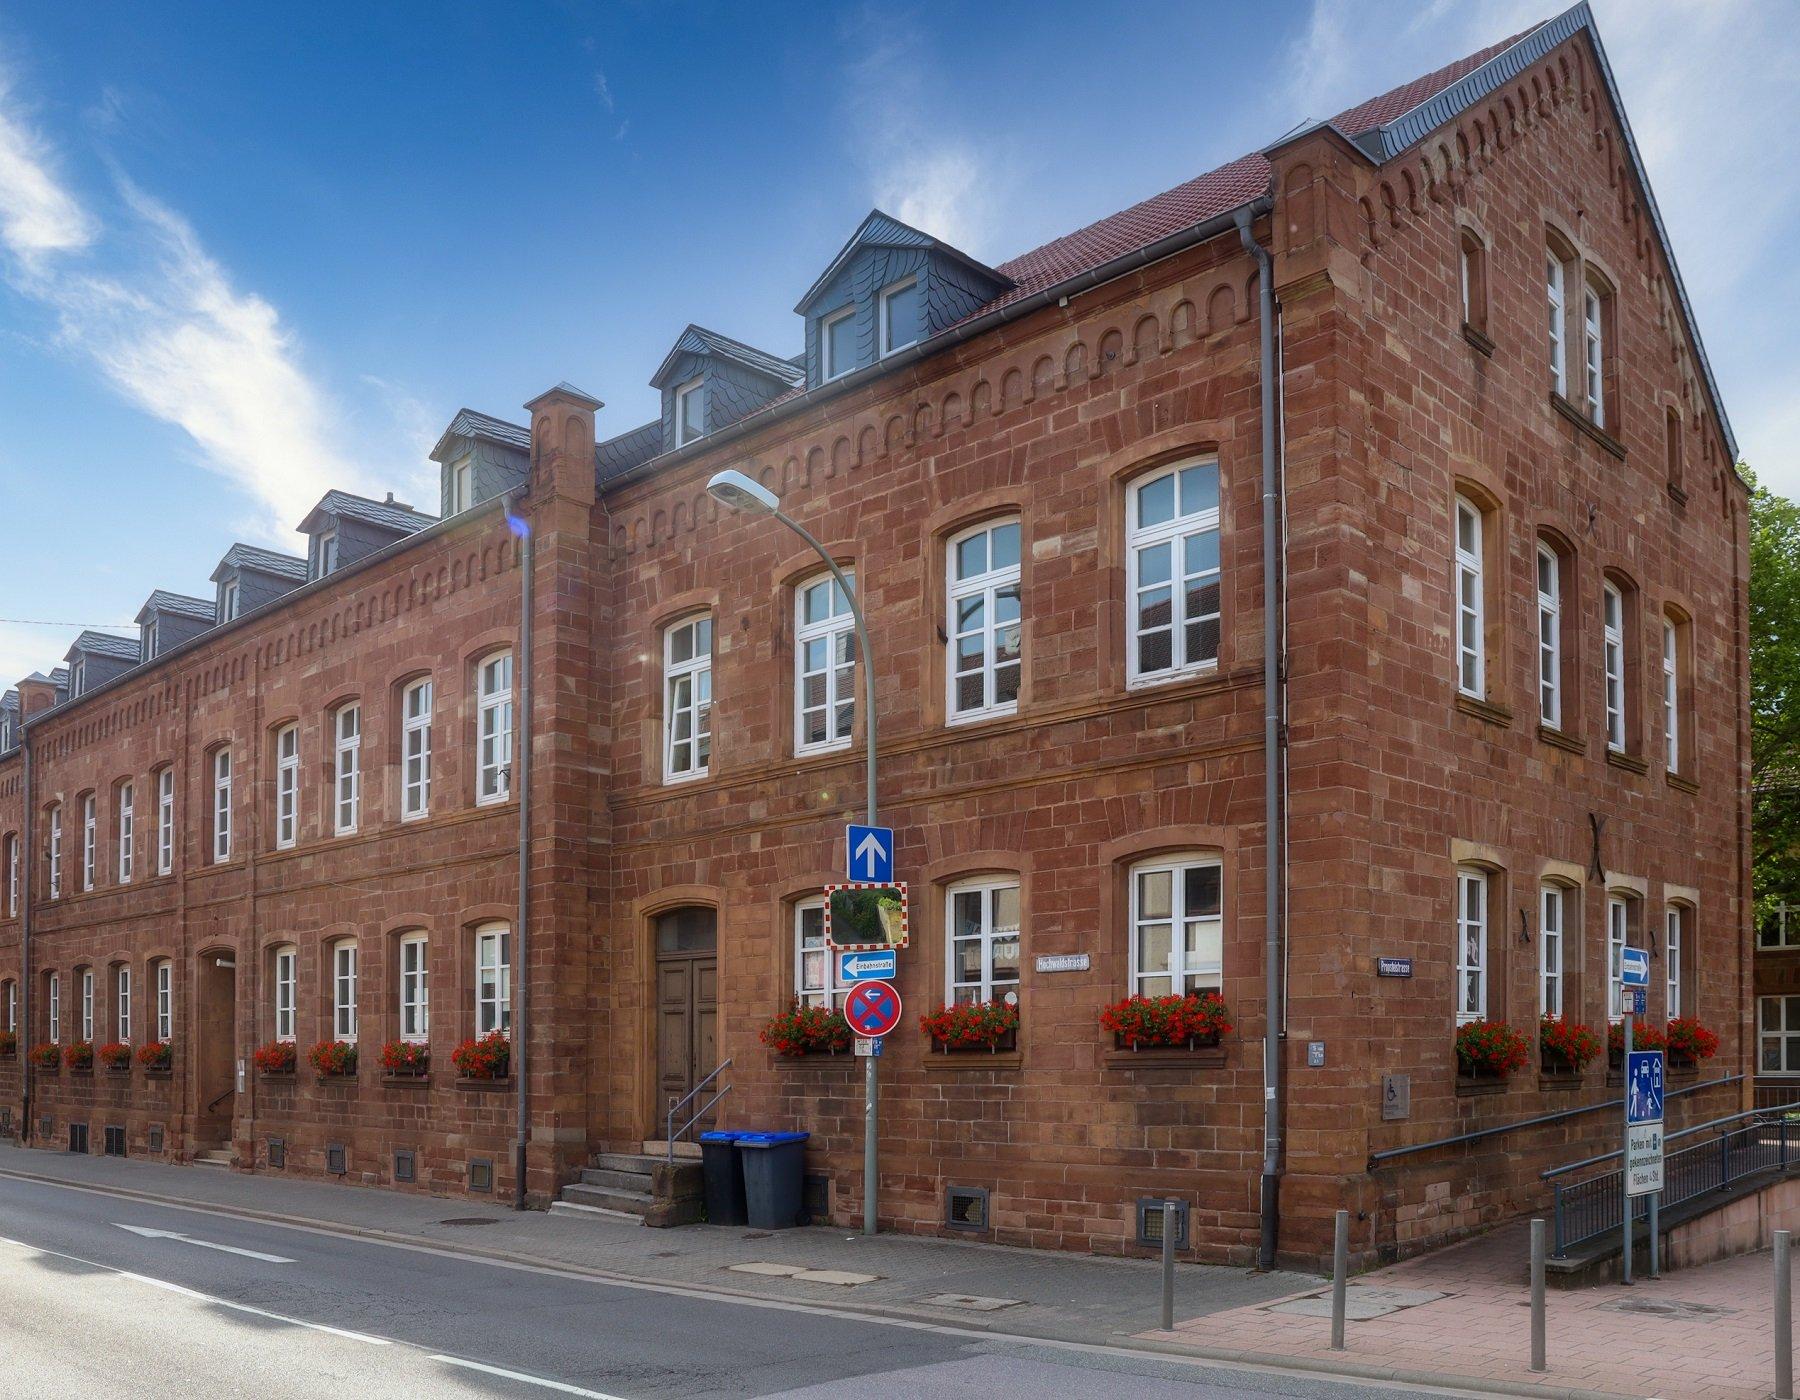 Das Bild zeigt die Stadtbibliothek Merzig in der Außenansicht.